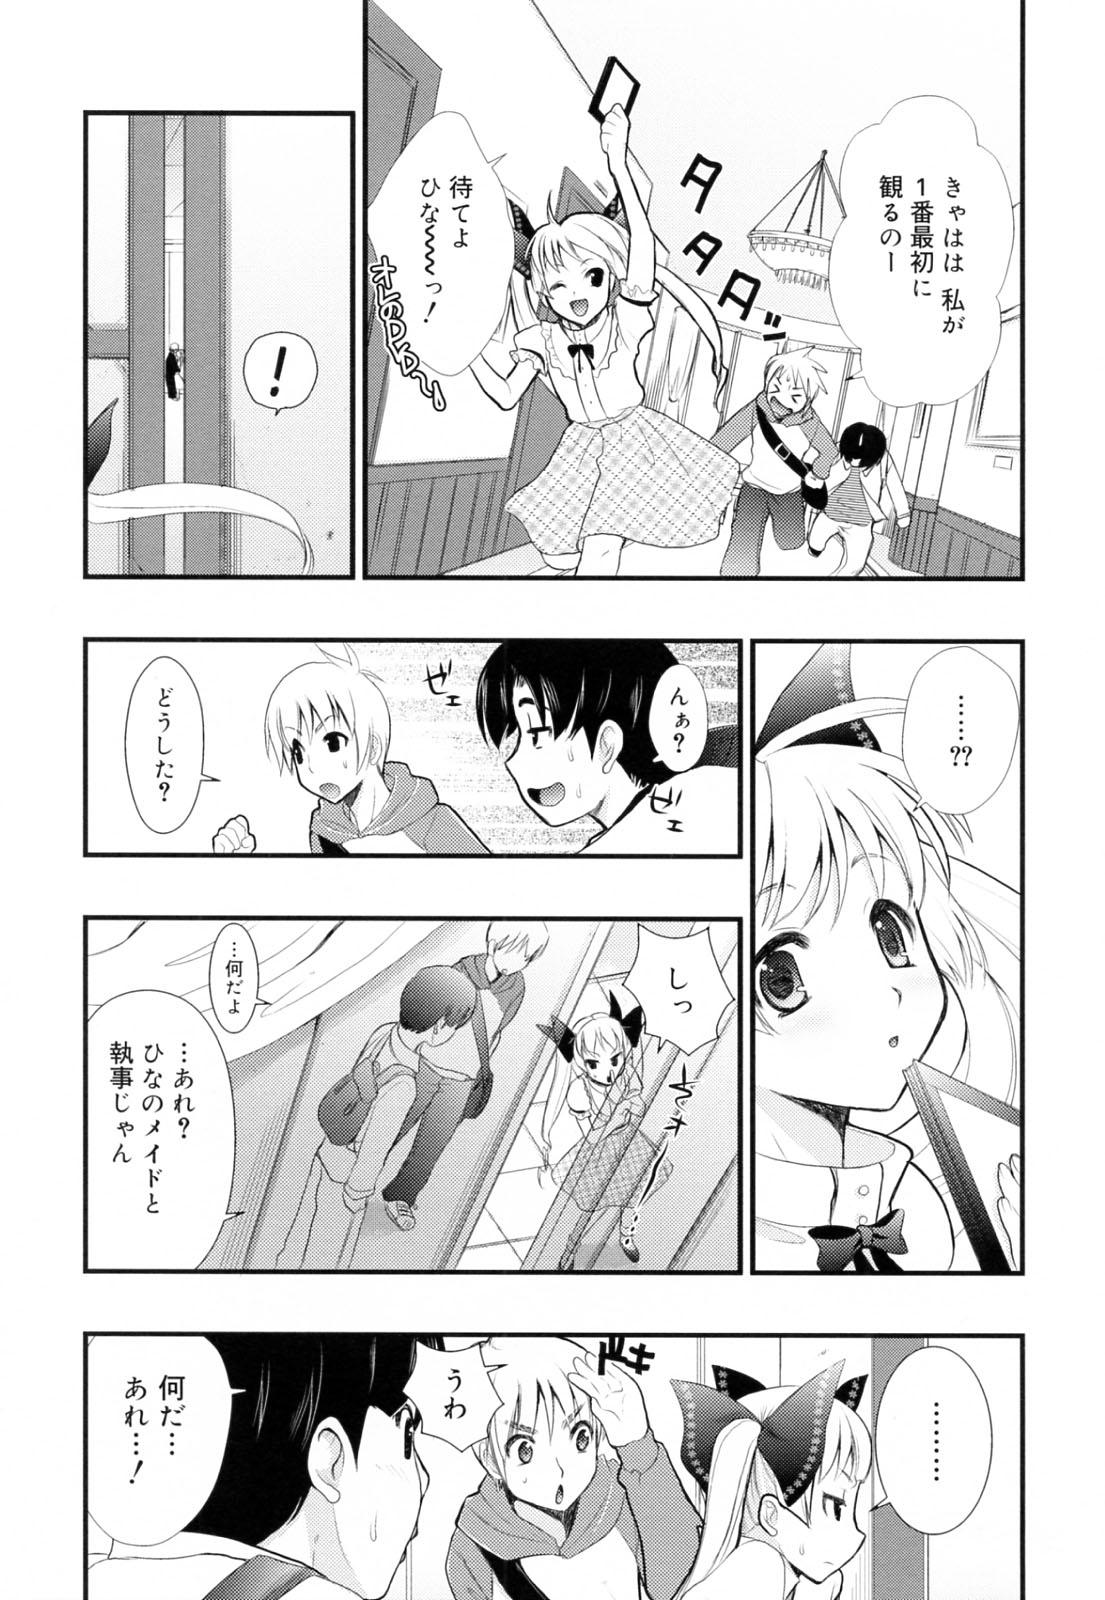 【エロ漫画】こっそり仕事中に執事と調教プレイしていた淫乱メイドをお仕置きwww